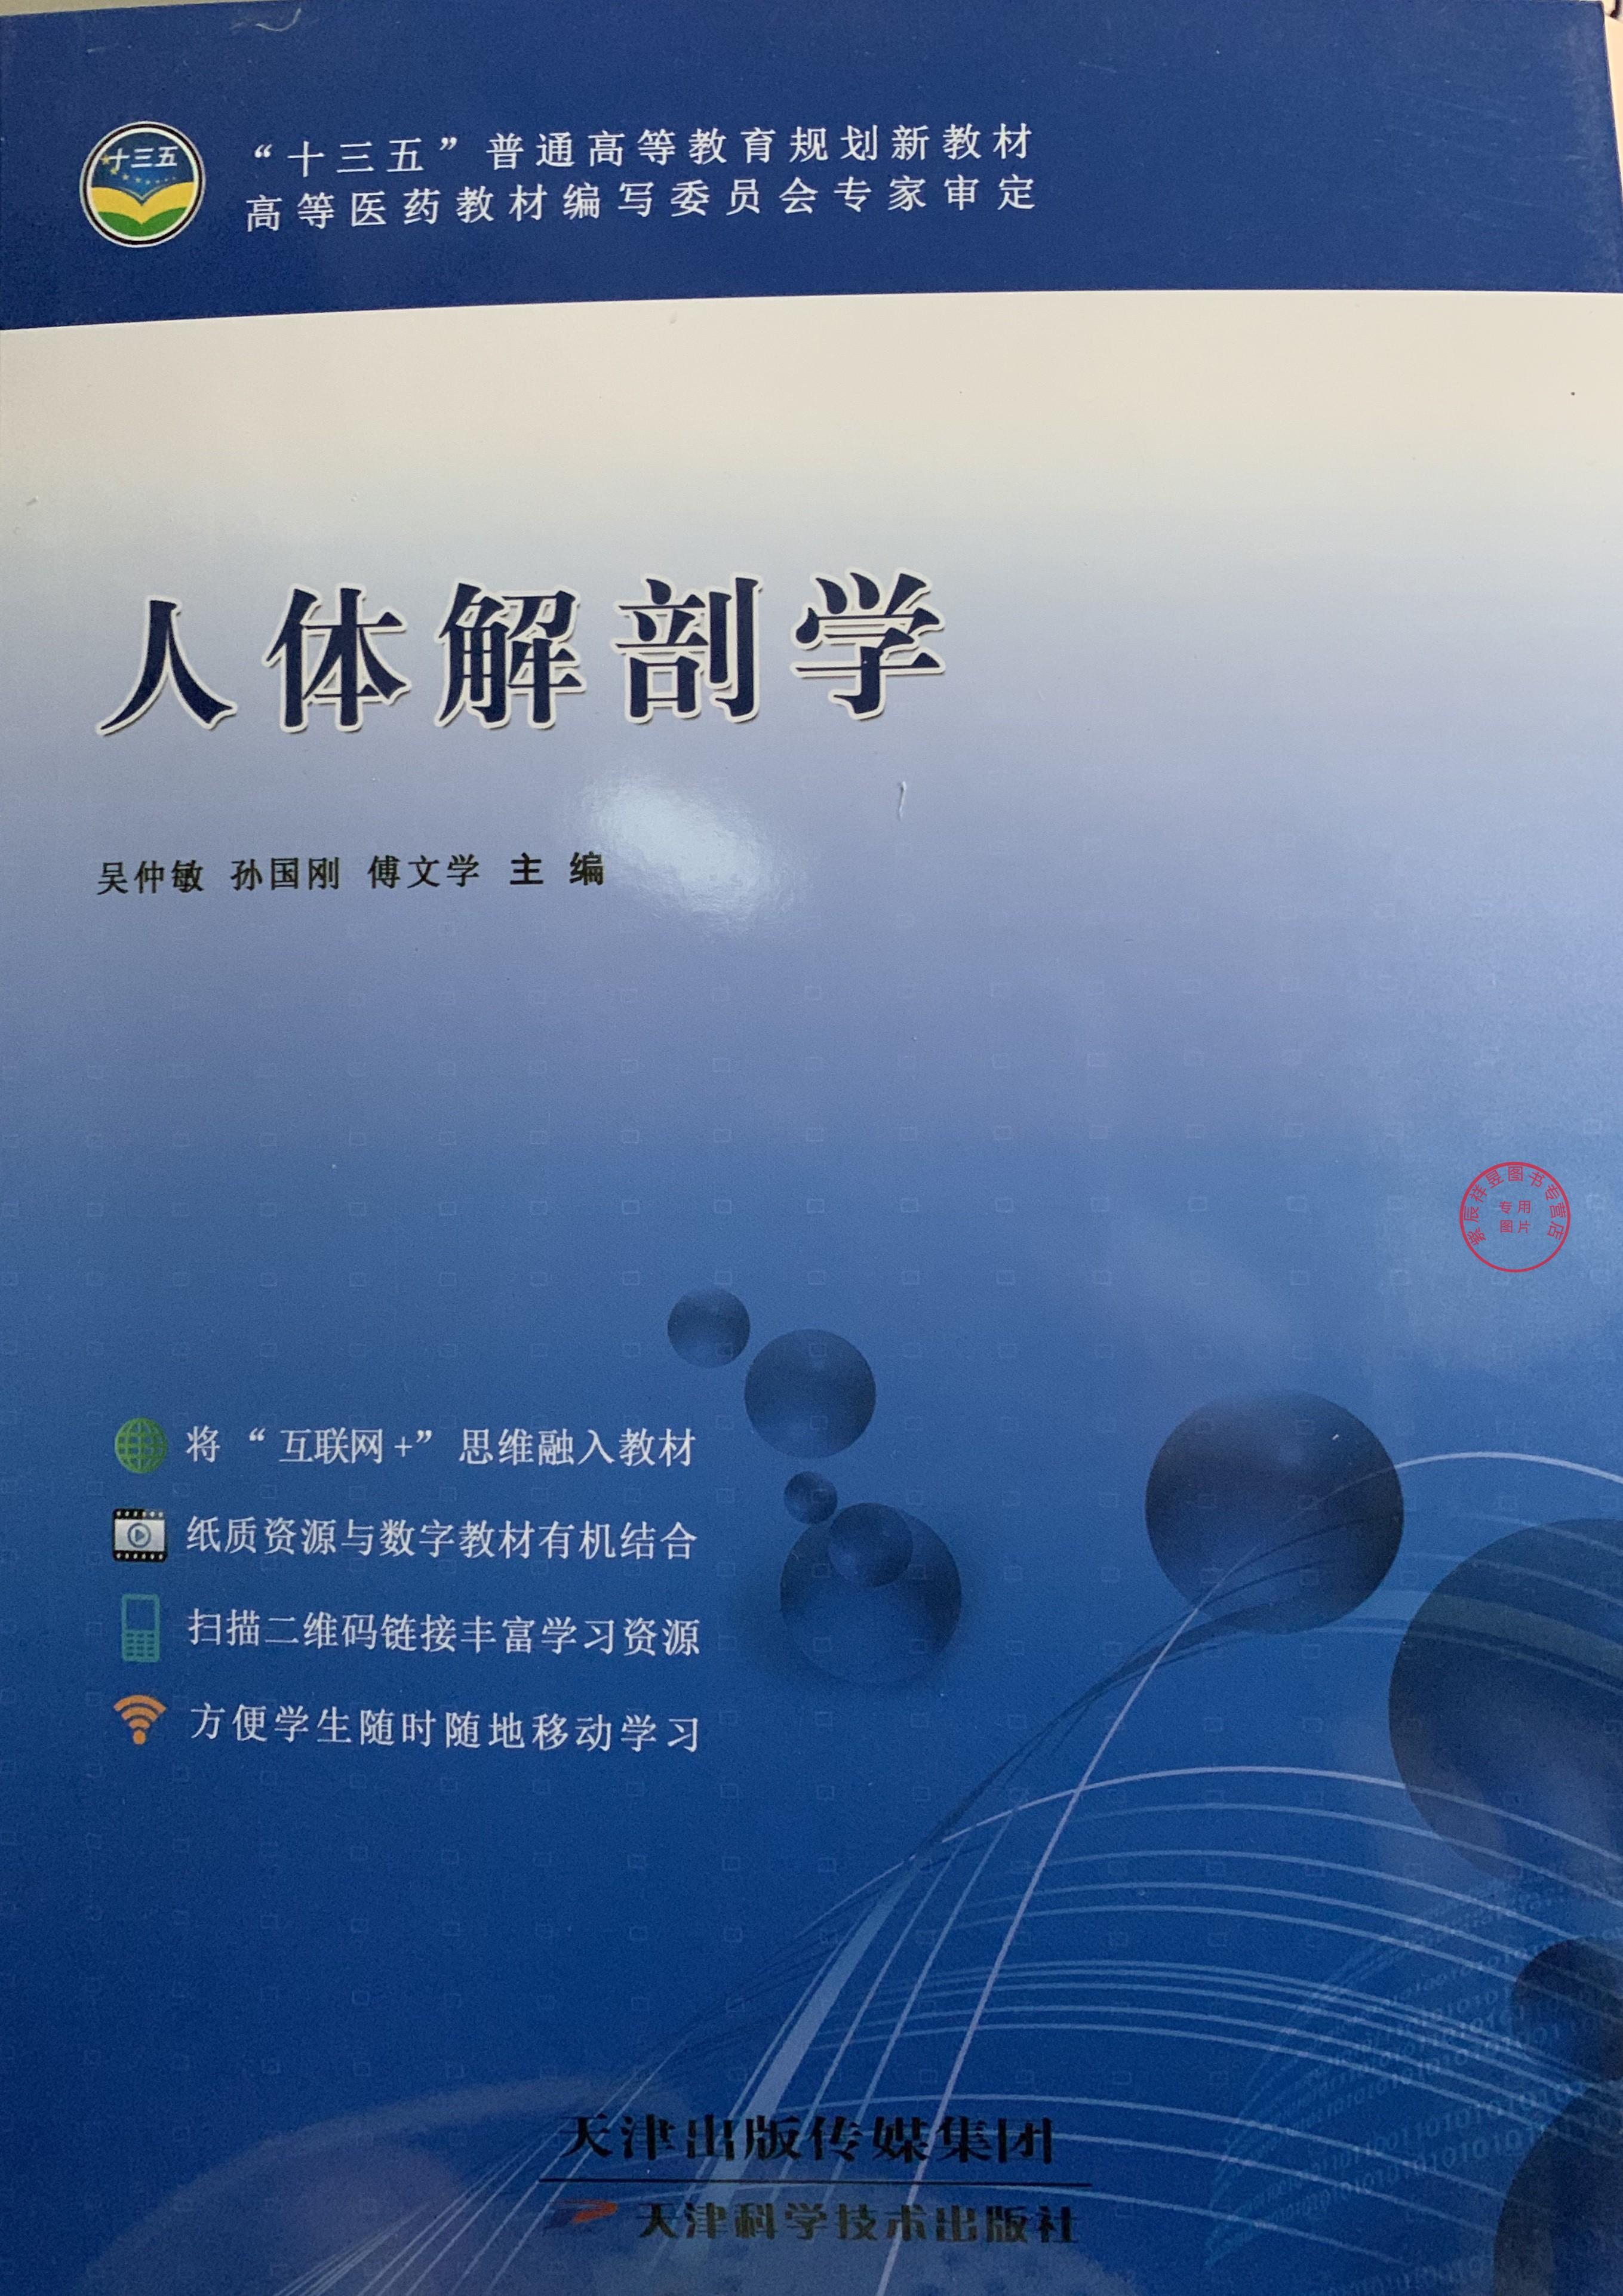 正版包邮 人体解剖学 吴仲敏孙国刚 天津科学技术出版社 9787557610579 扫码获取学习资源 退